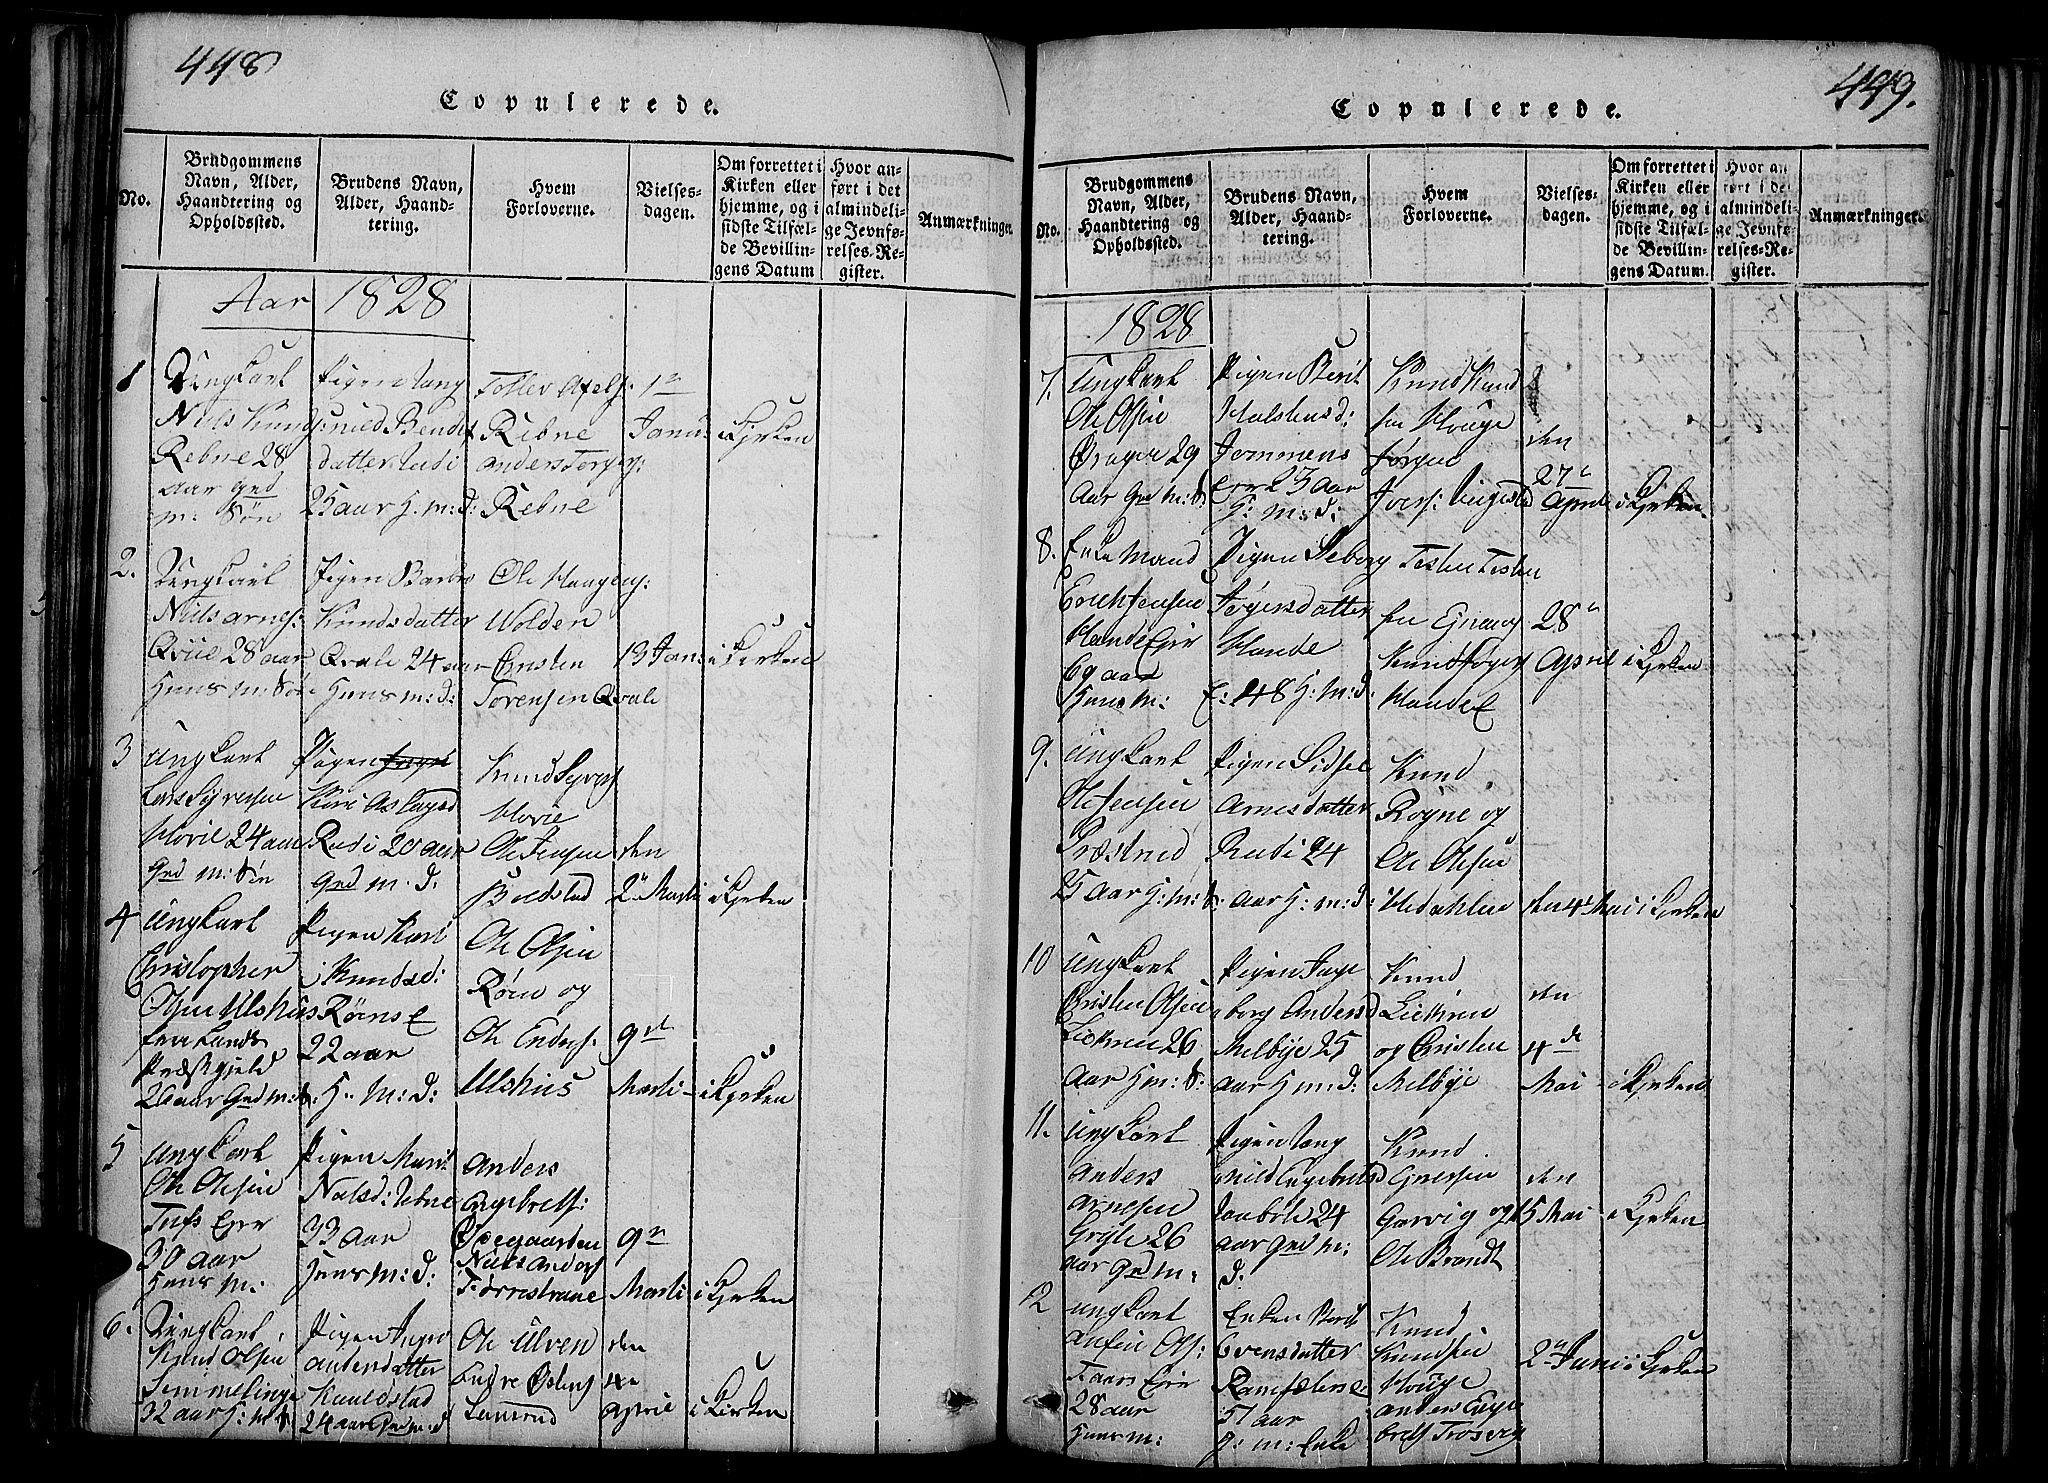 SAH, Slidre prestekontor, Ministerialbok nr. 2, 1814-1830, s. 448-449